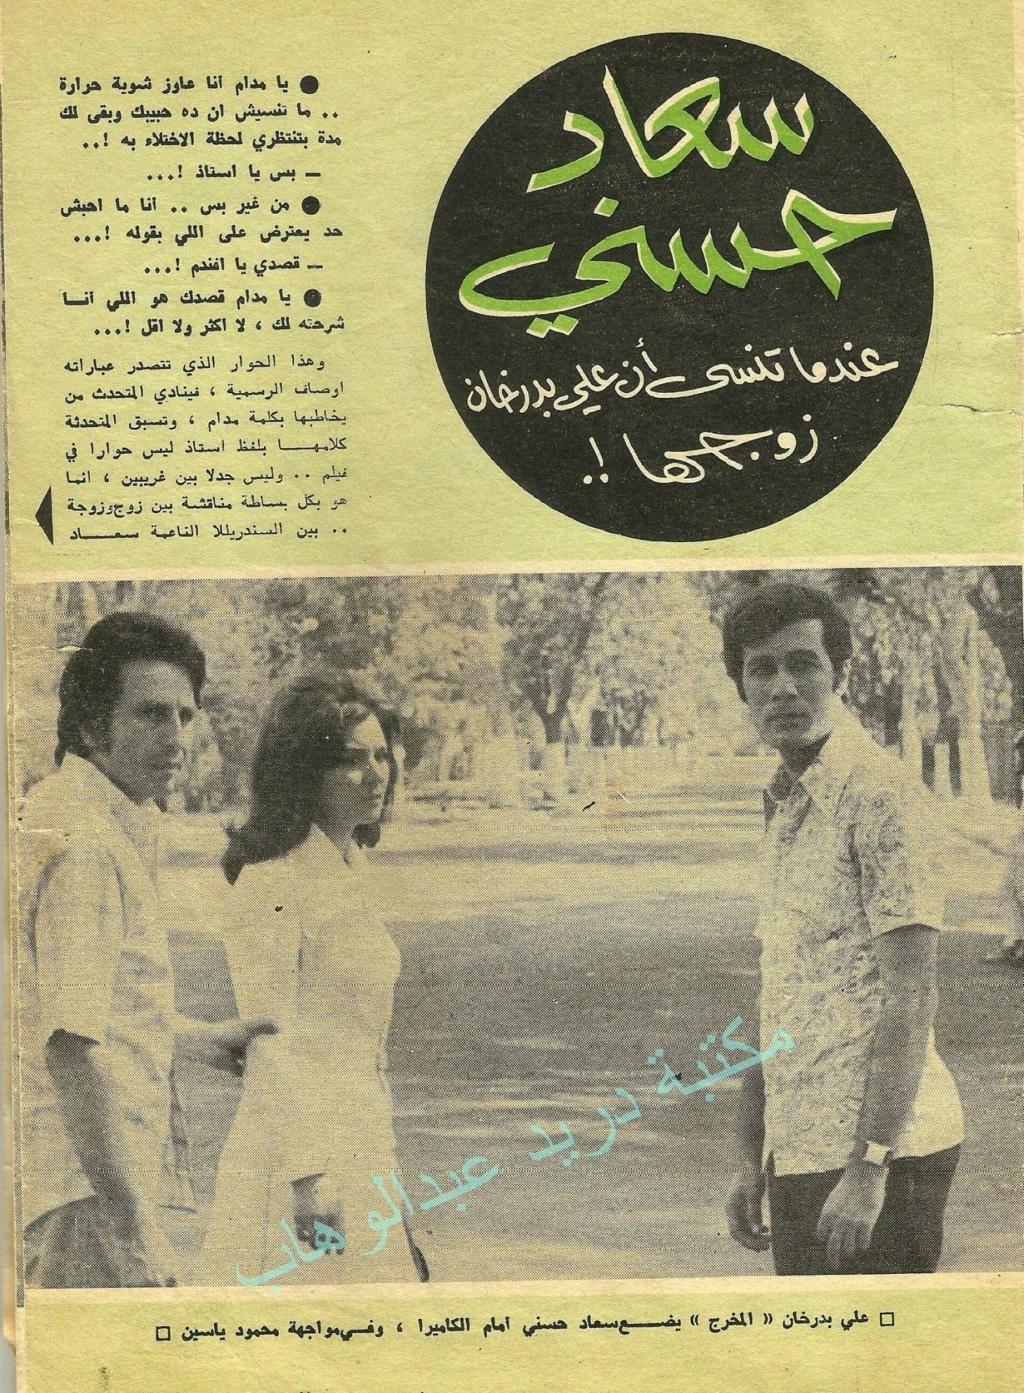 مقال - مقال صحفي : سعاد حسني عندما تنسى أن علي بدرخان زوجها ! 1972 م 1187